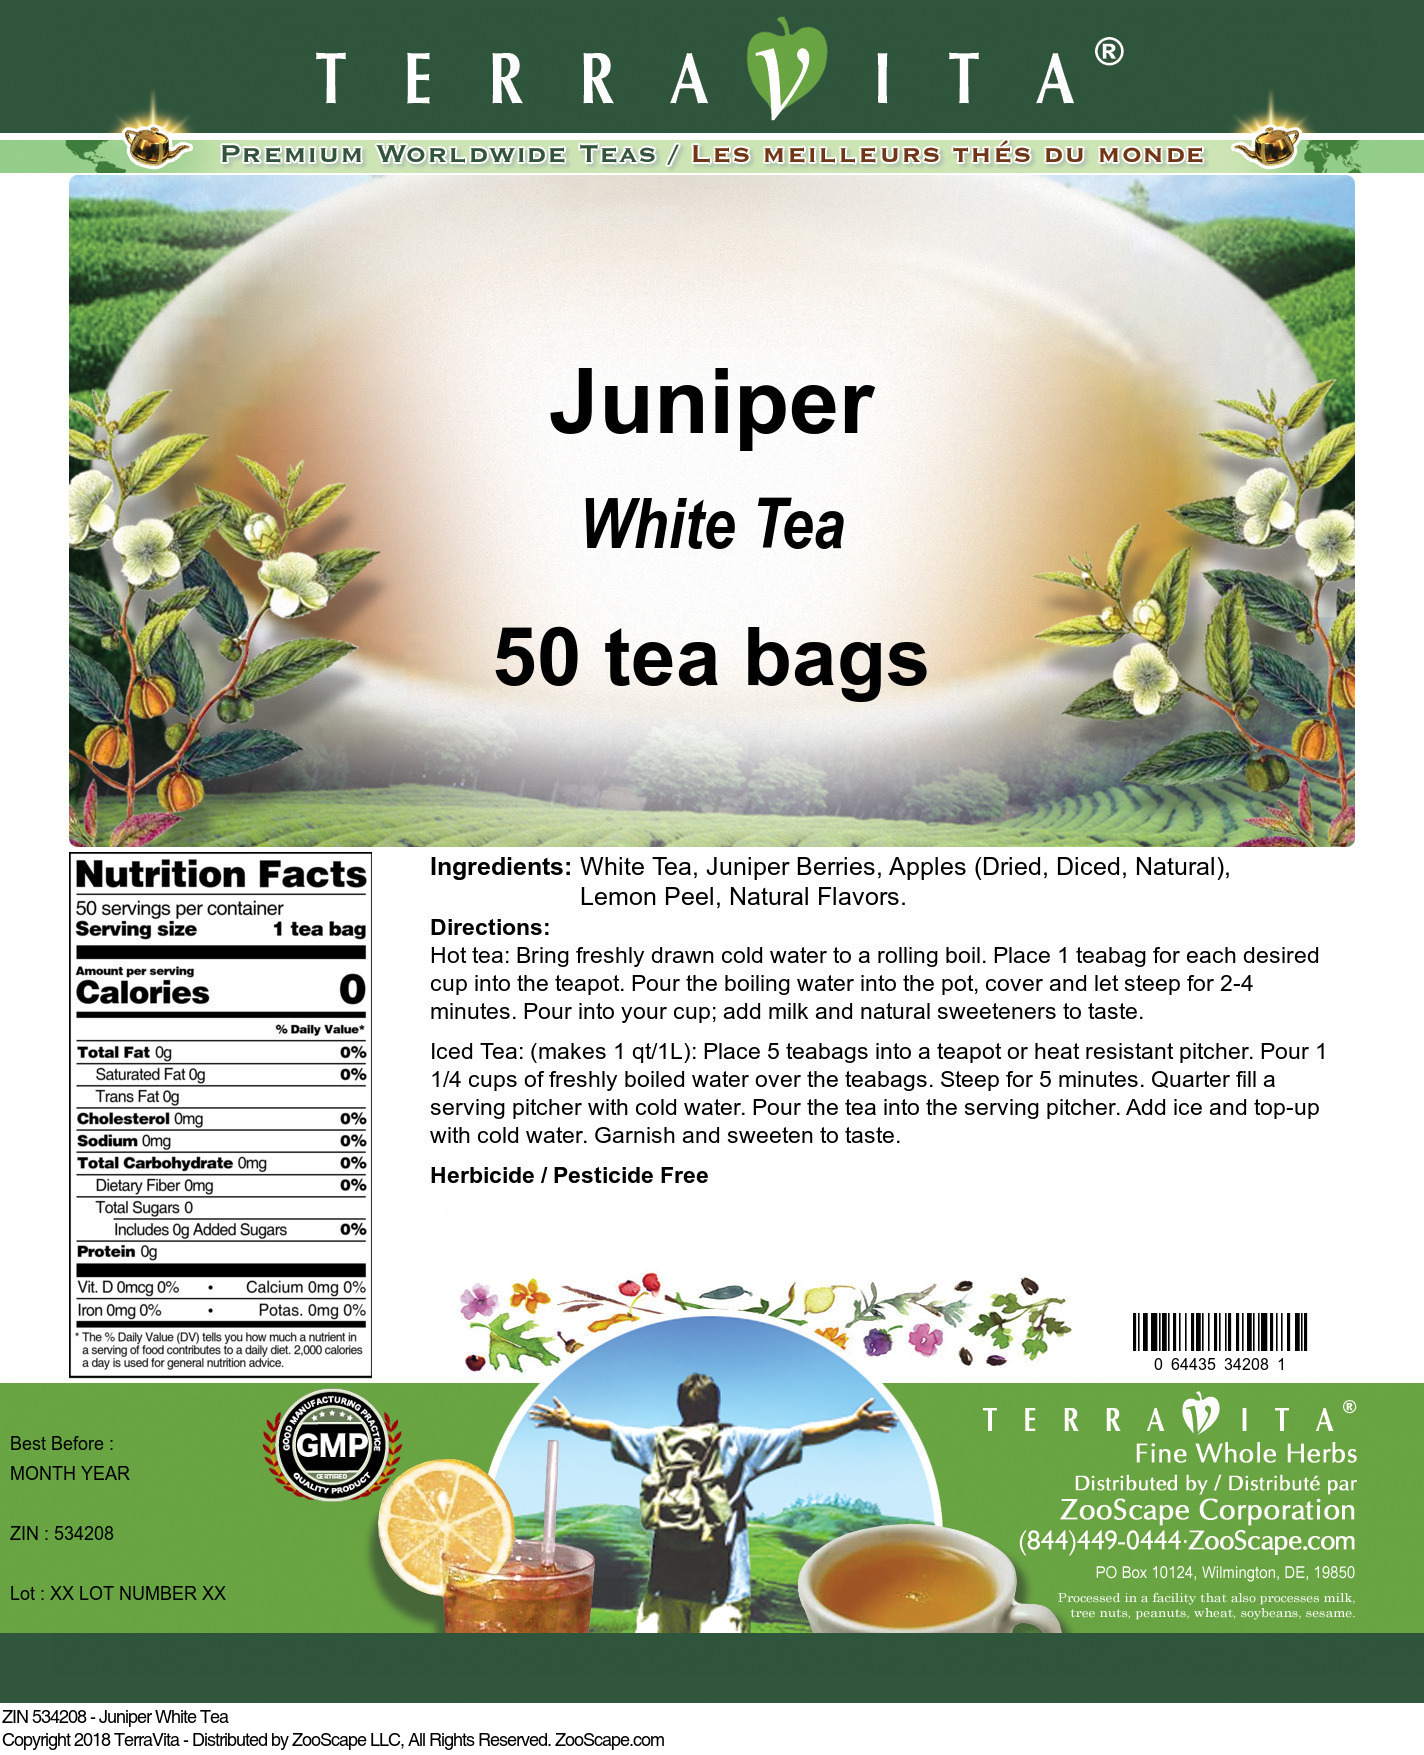 Juniper White Tea